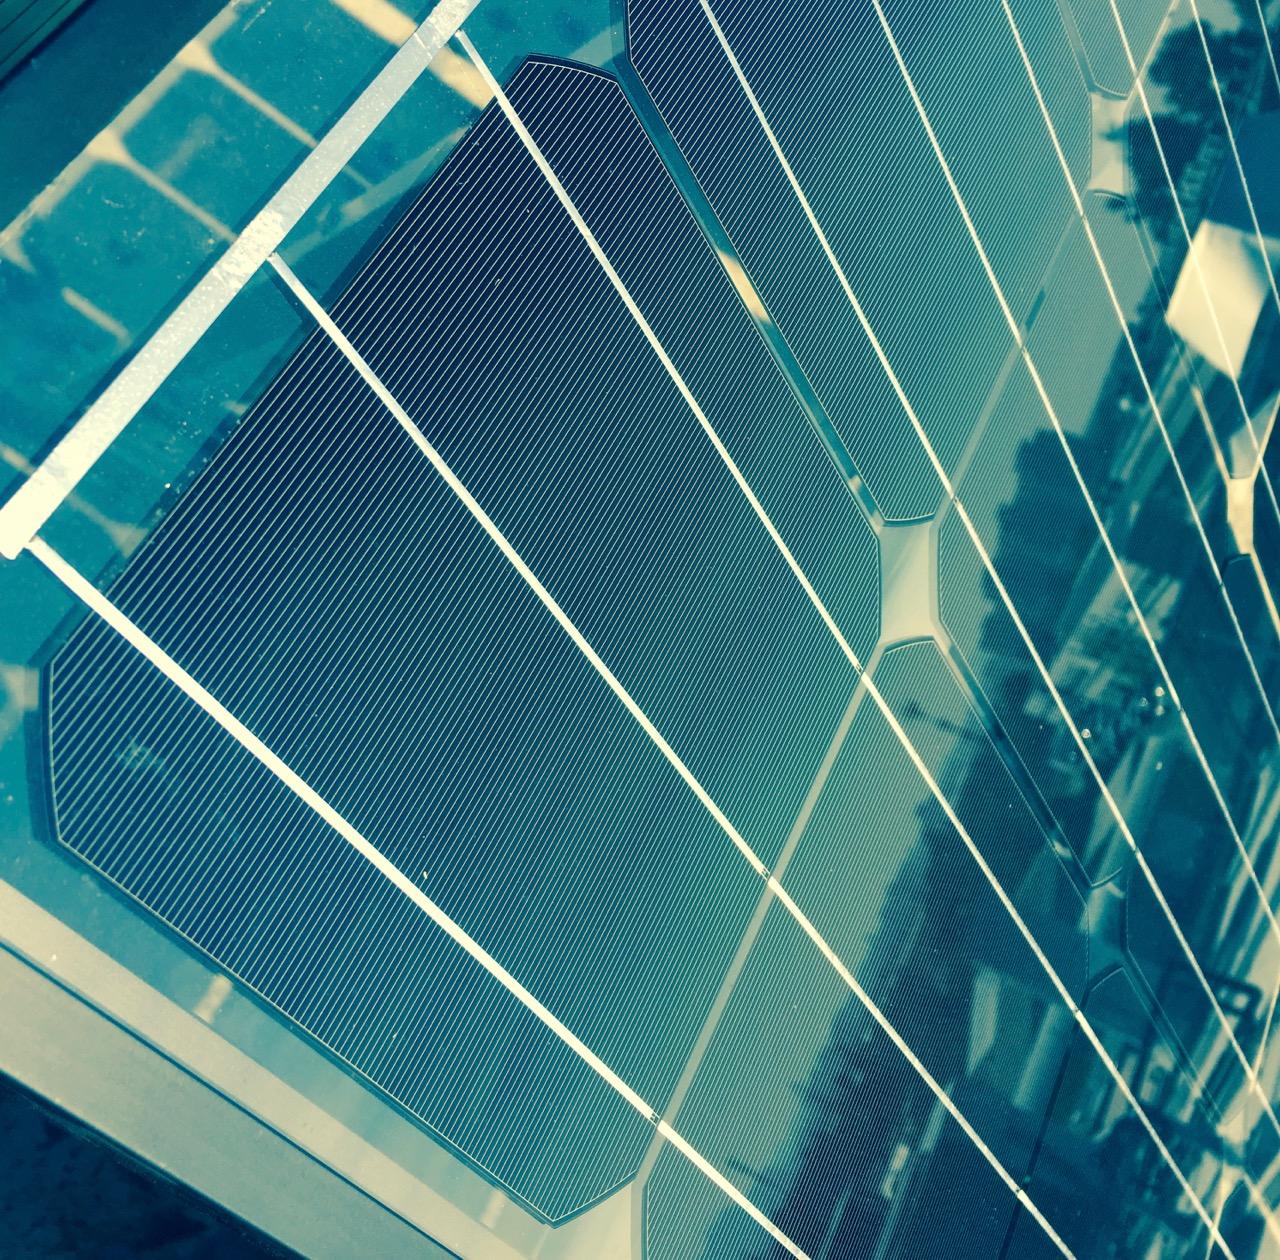 Estación de medición phiNet®11 instalada en el techo de uno de los edificios en Valparaíso